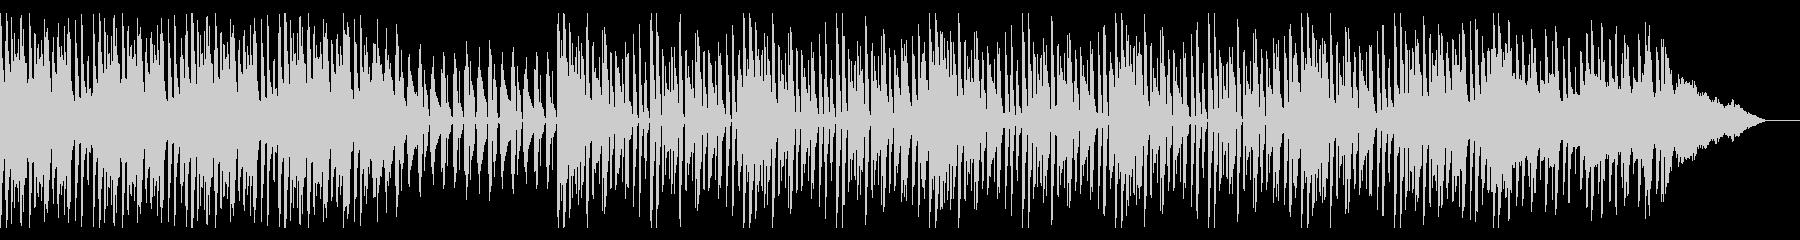 バイオリンメインのトラップミュージックの未再生の波形